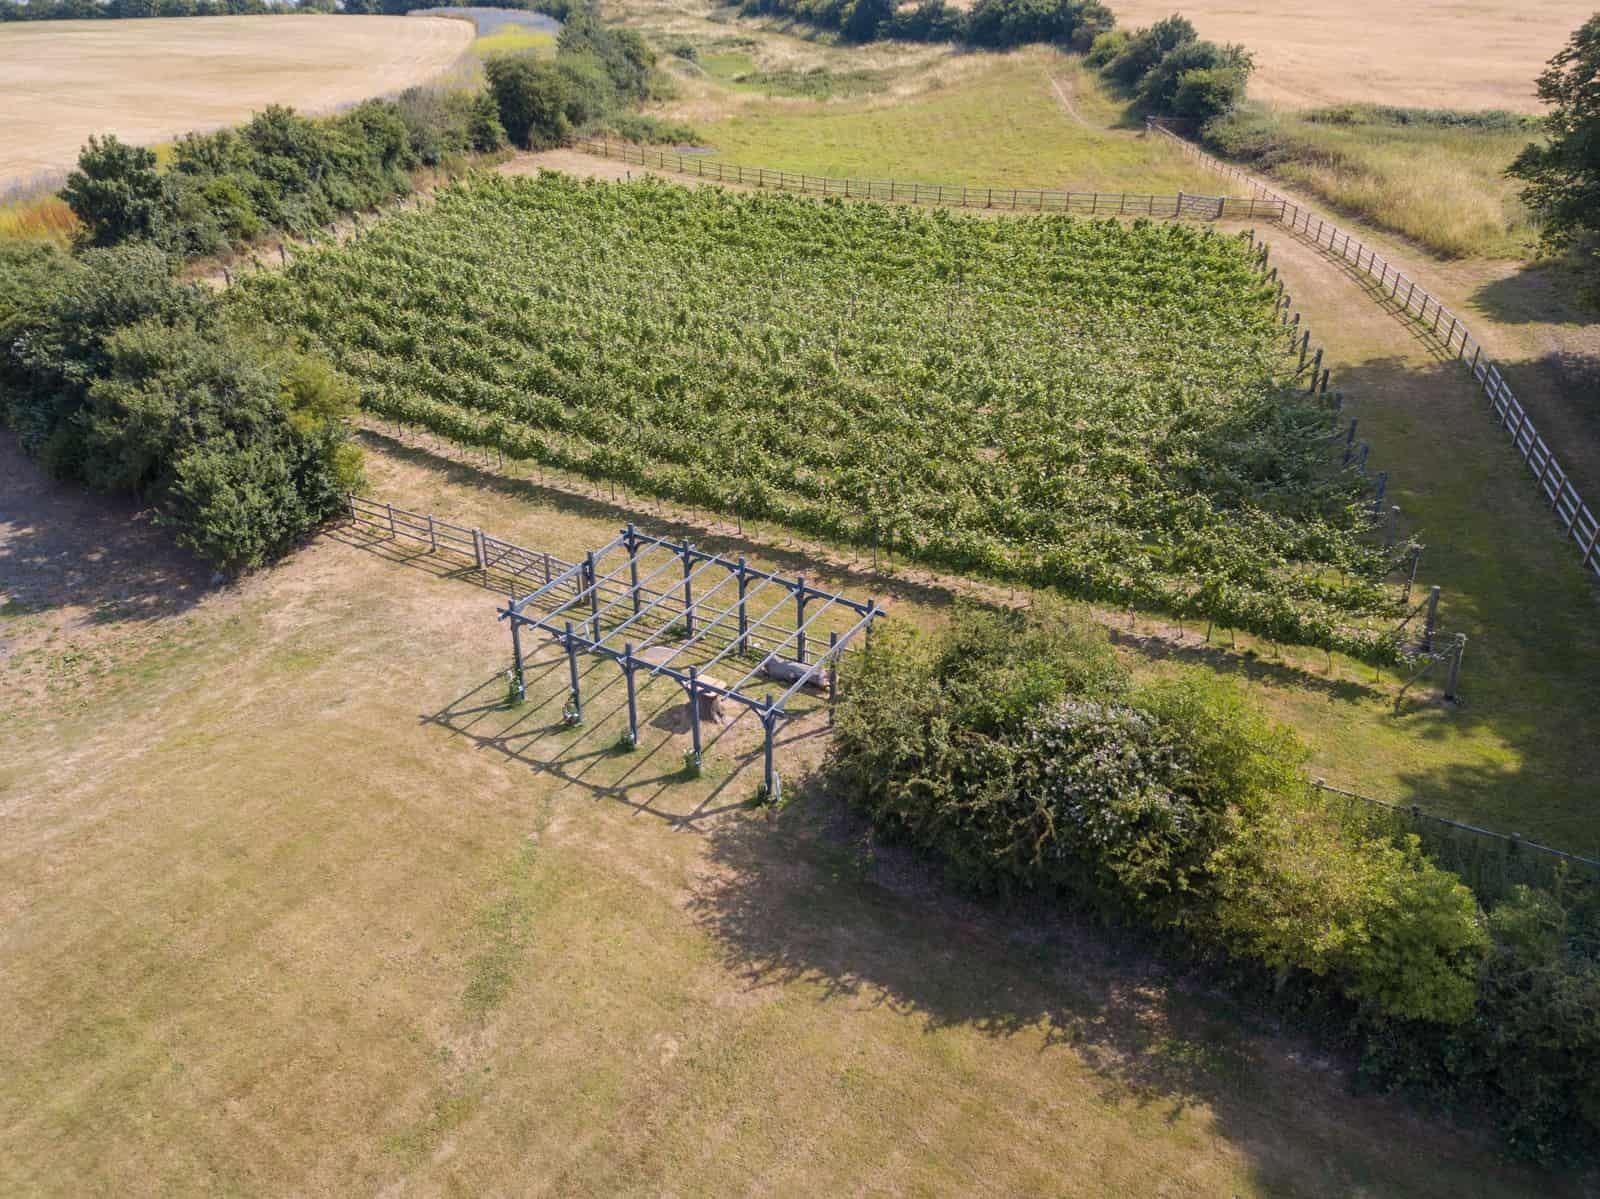 Aerial view pergola and Copdock Hall Vineyard